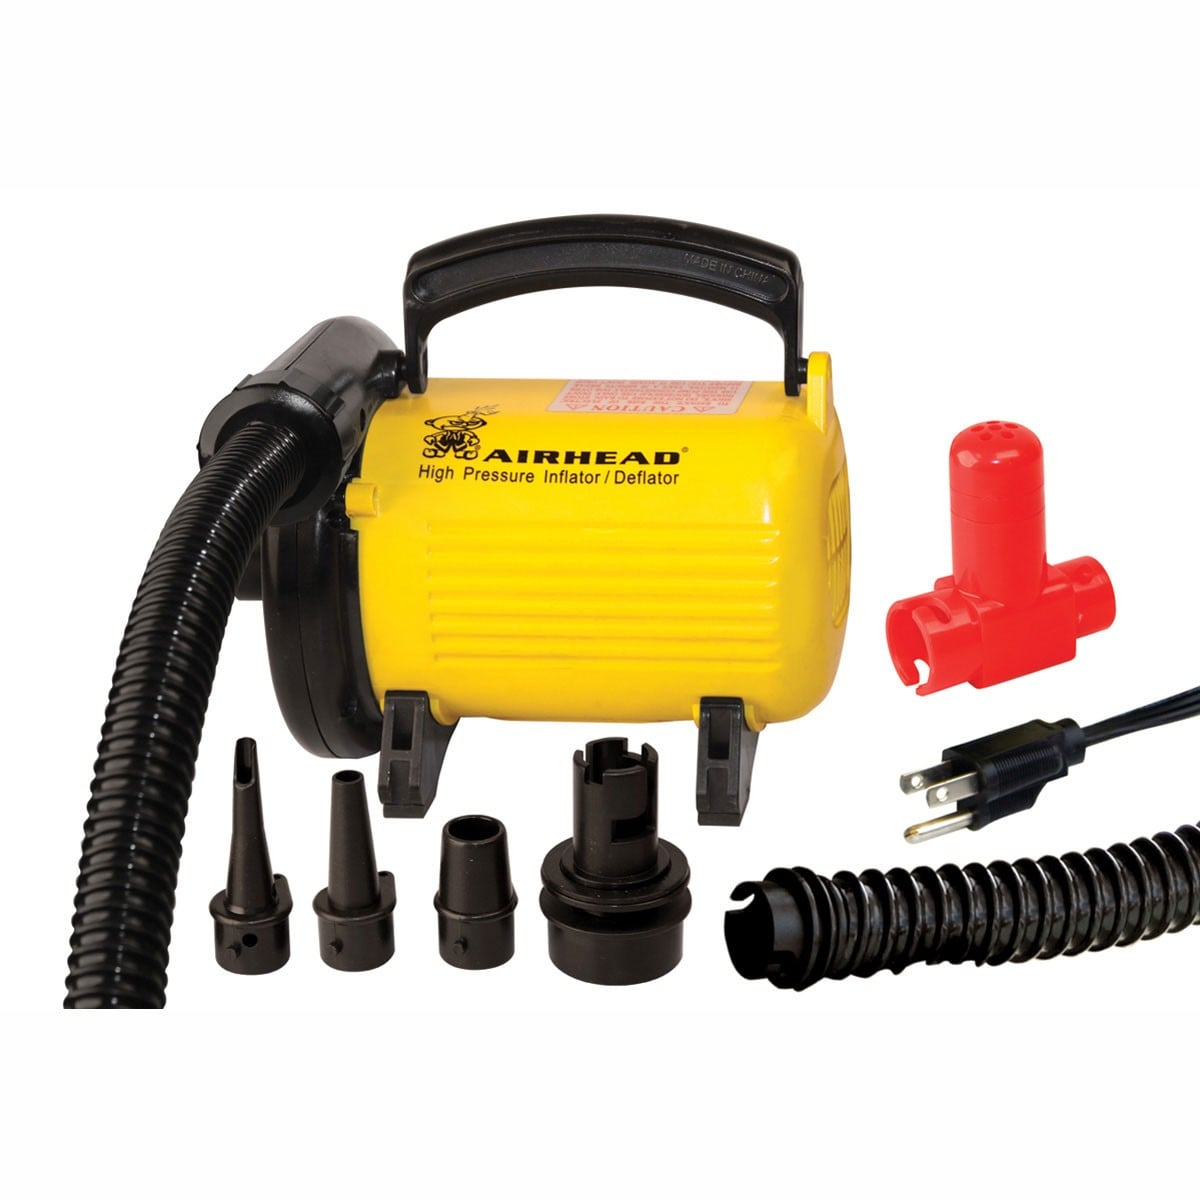 High Pressure Air Pump By Airhead And Kwiktek